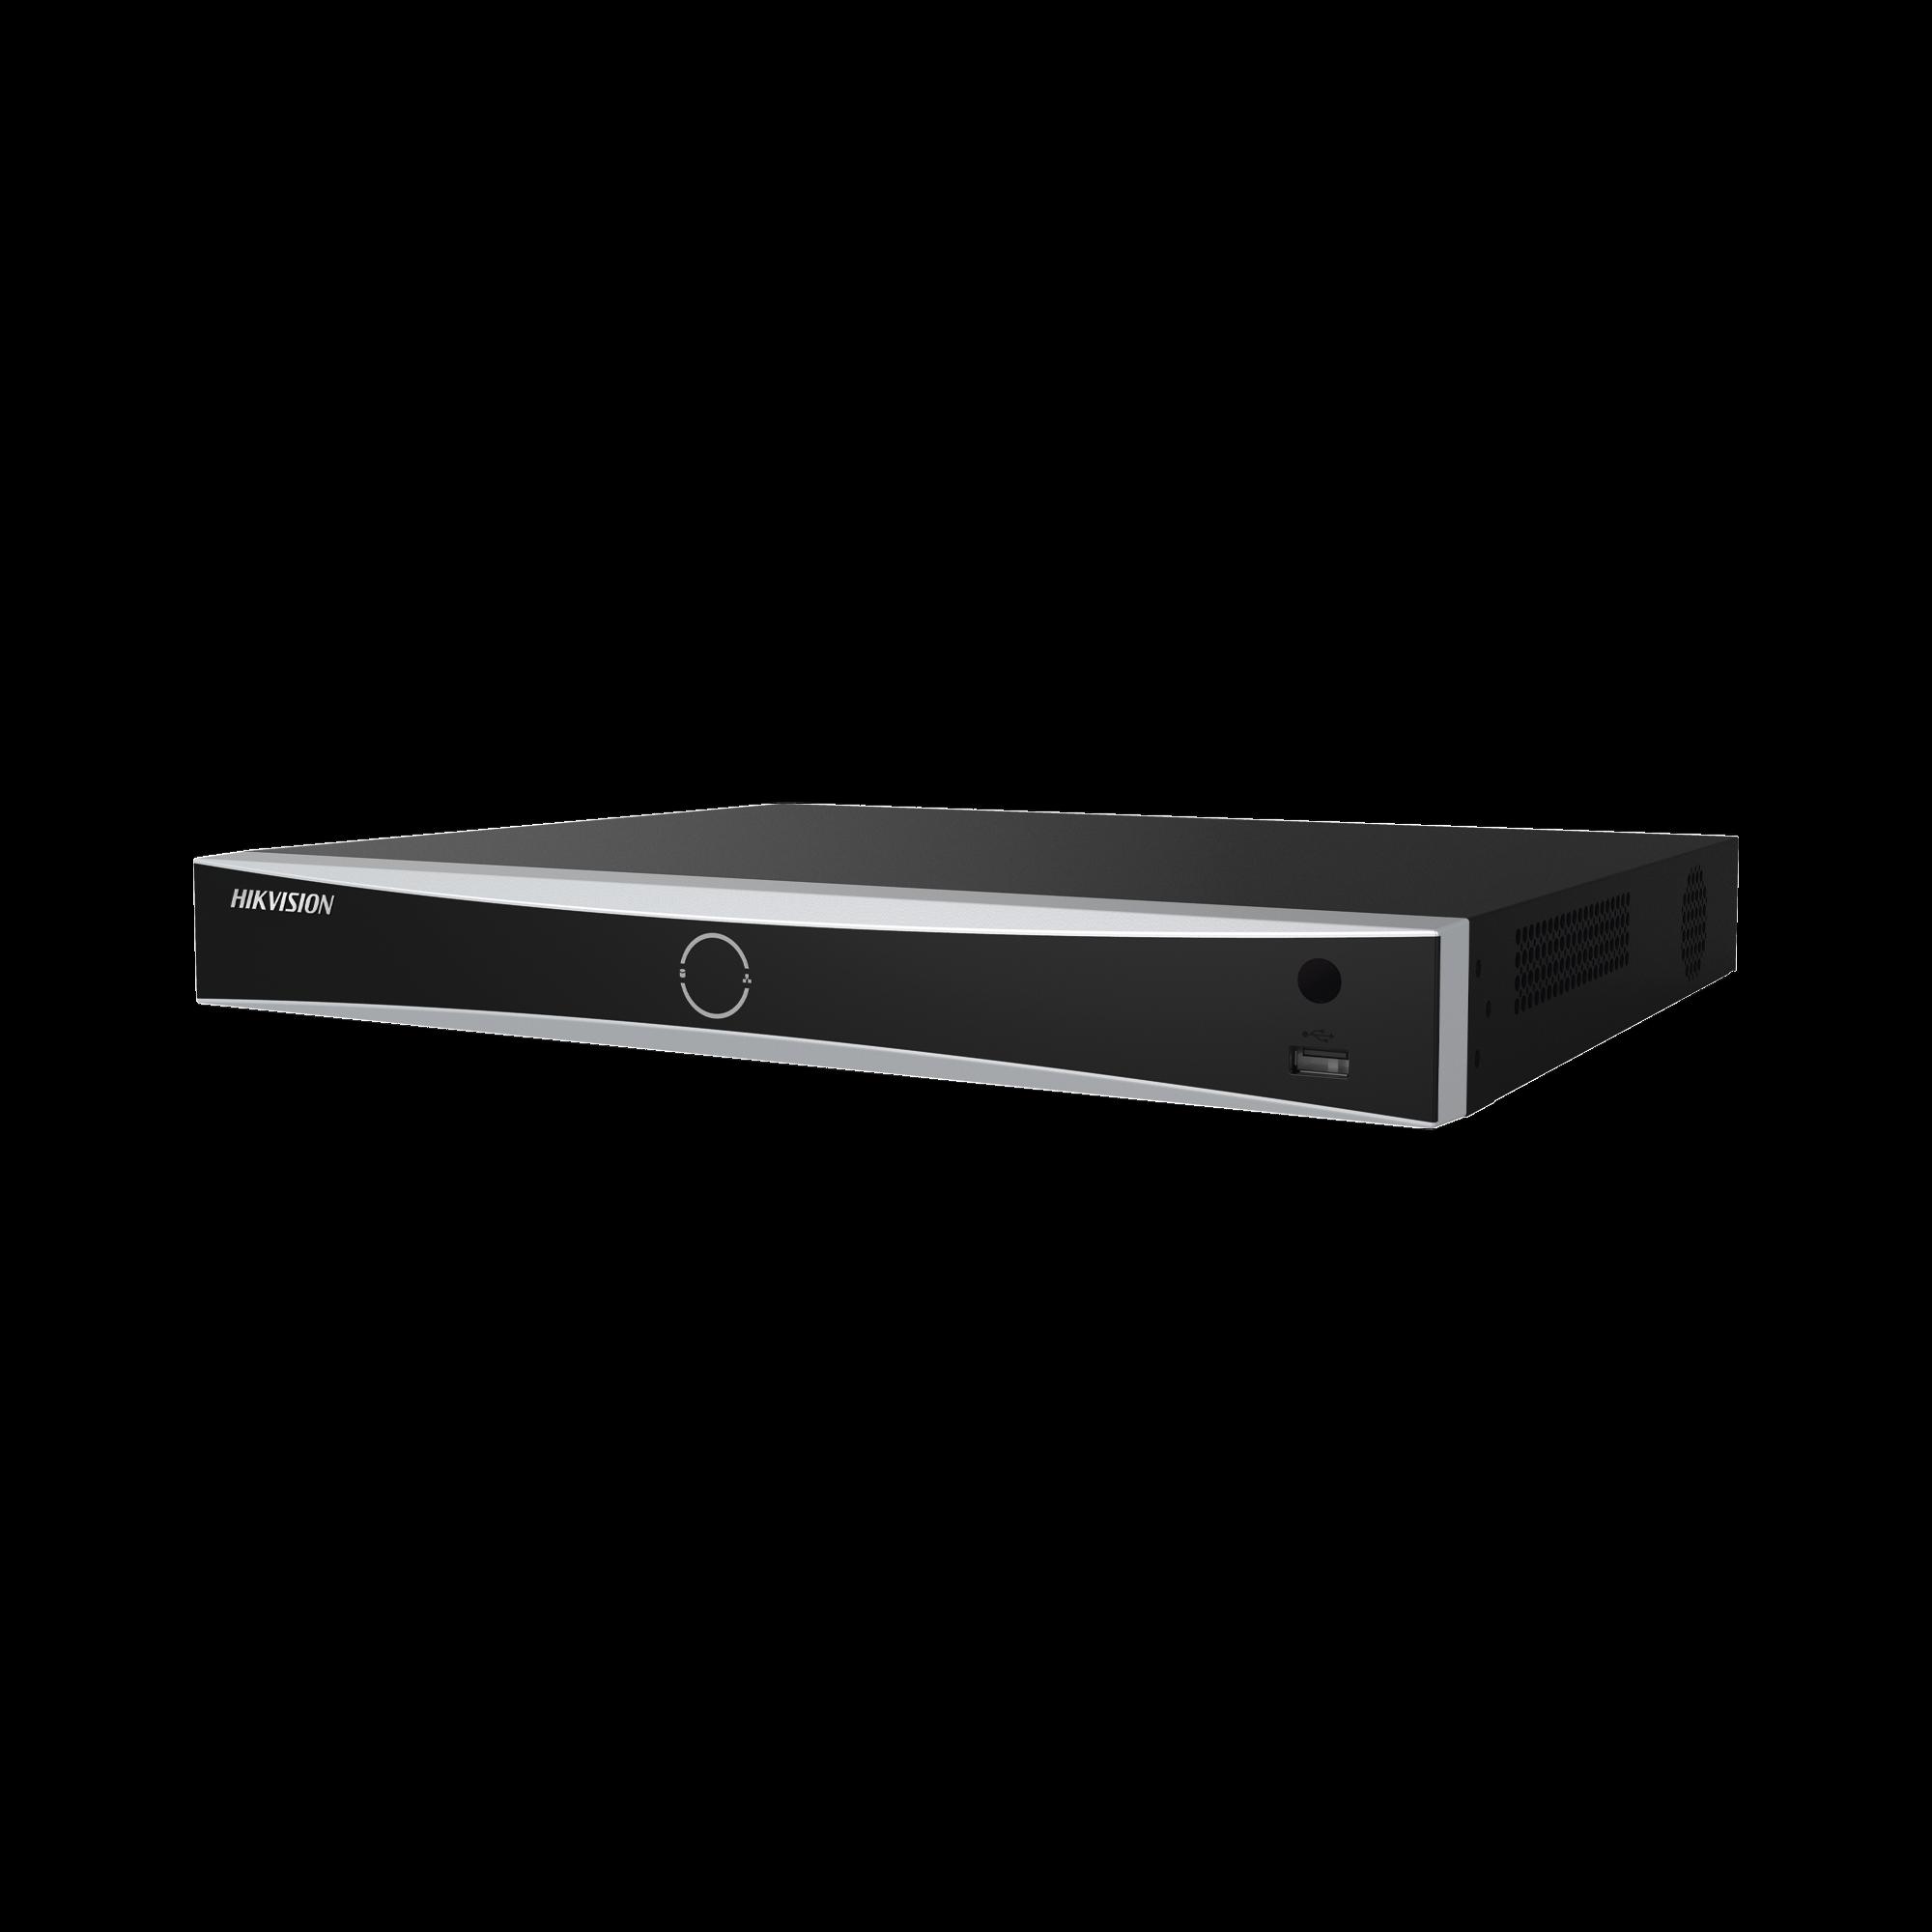 NVR 12 Megapixel (4K) / Reconocimiento Facial / 16 Canales IP / Base de Datos / Hasta 100,000 Fotografías / 16 Puertos PoE+ / 2 Bahías de Disco Duro / Switch PoE 300 mts / Bases de Datos / HDMI en 4K